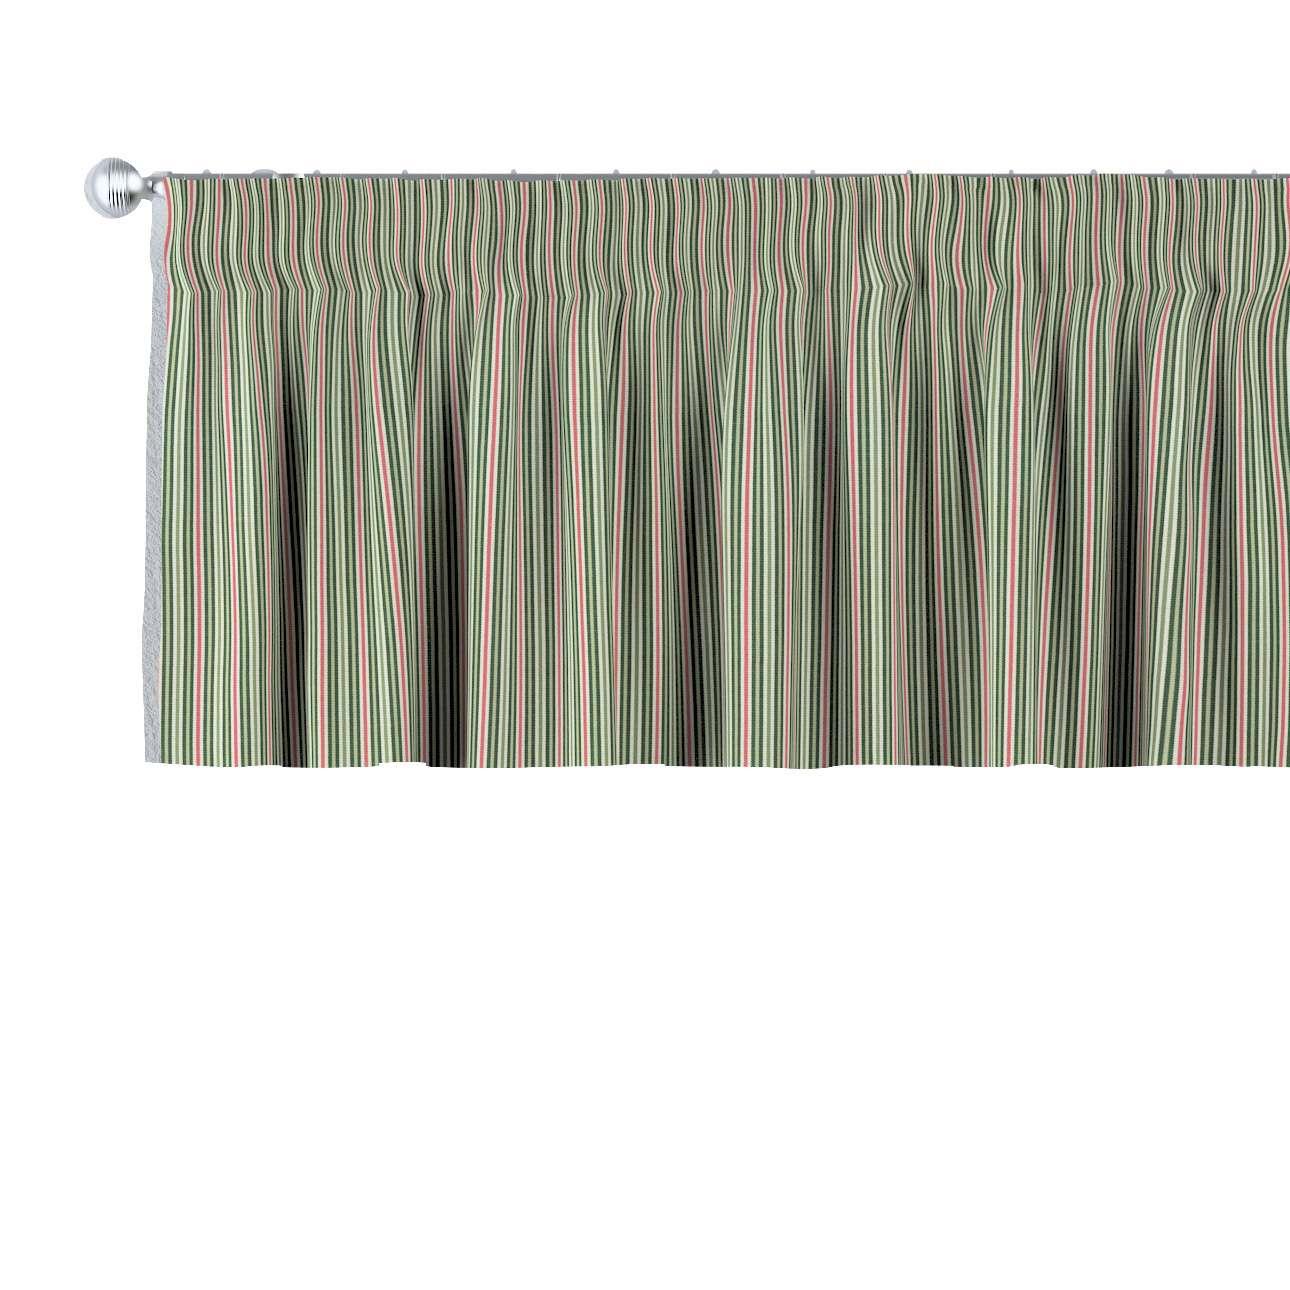 Lambrekin na taśmie marszczącej w kolekcji Londres, tkanina: 143-42